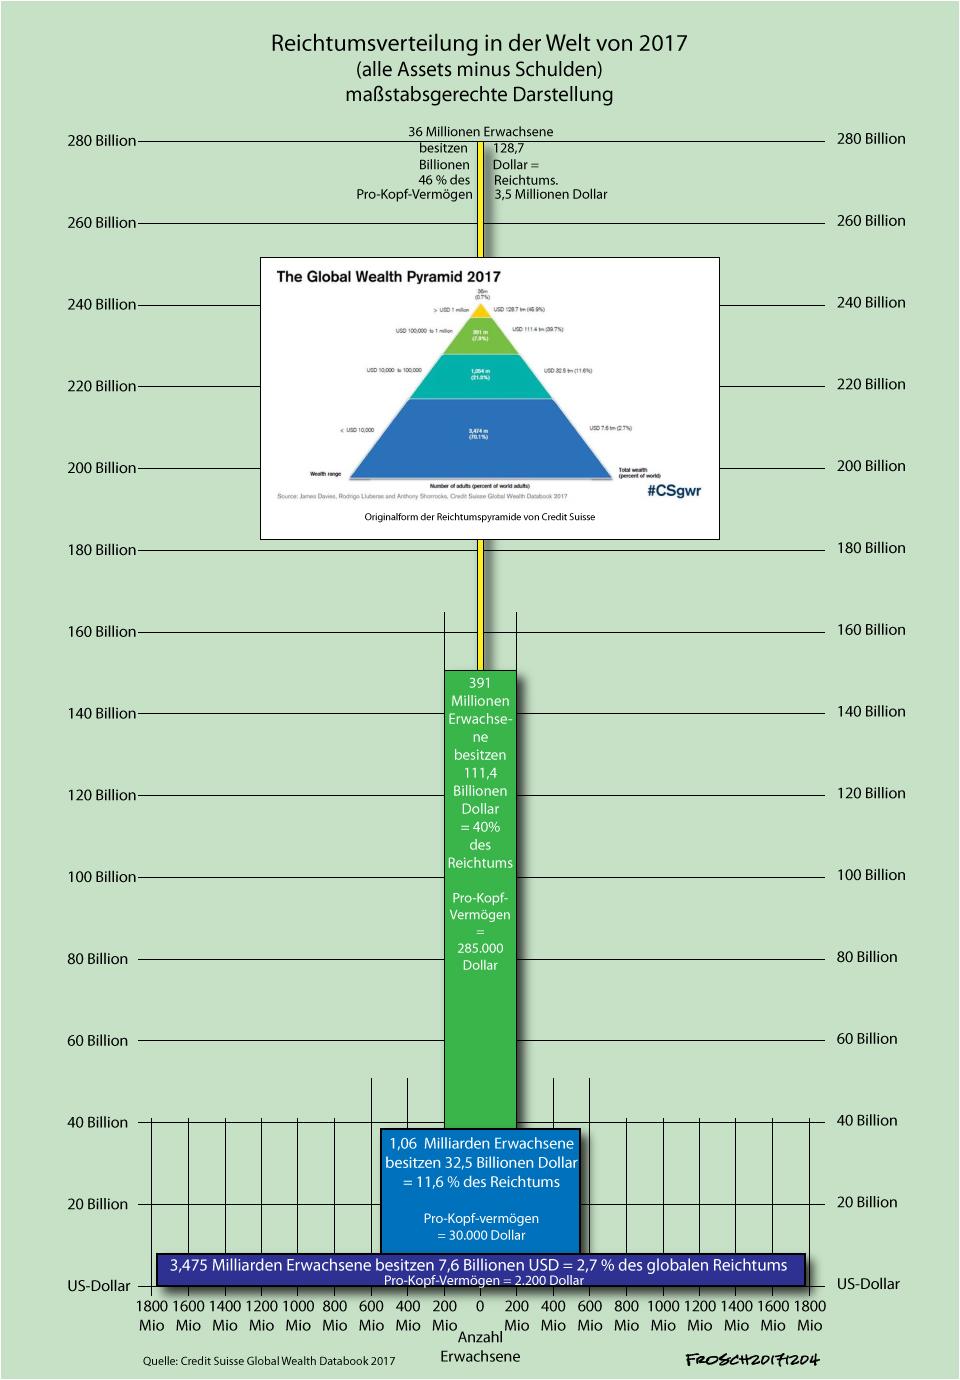 Reichtumsverteilung in der Welt 2017